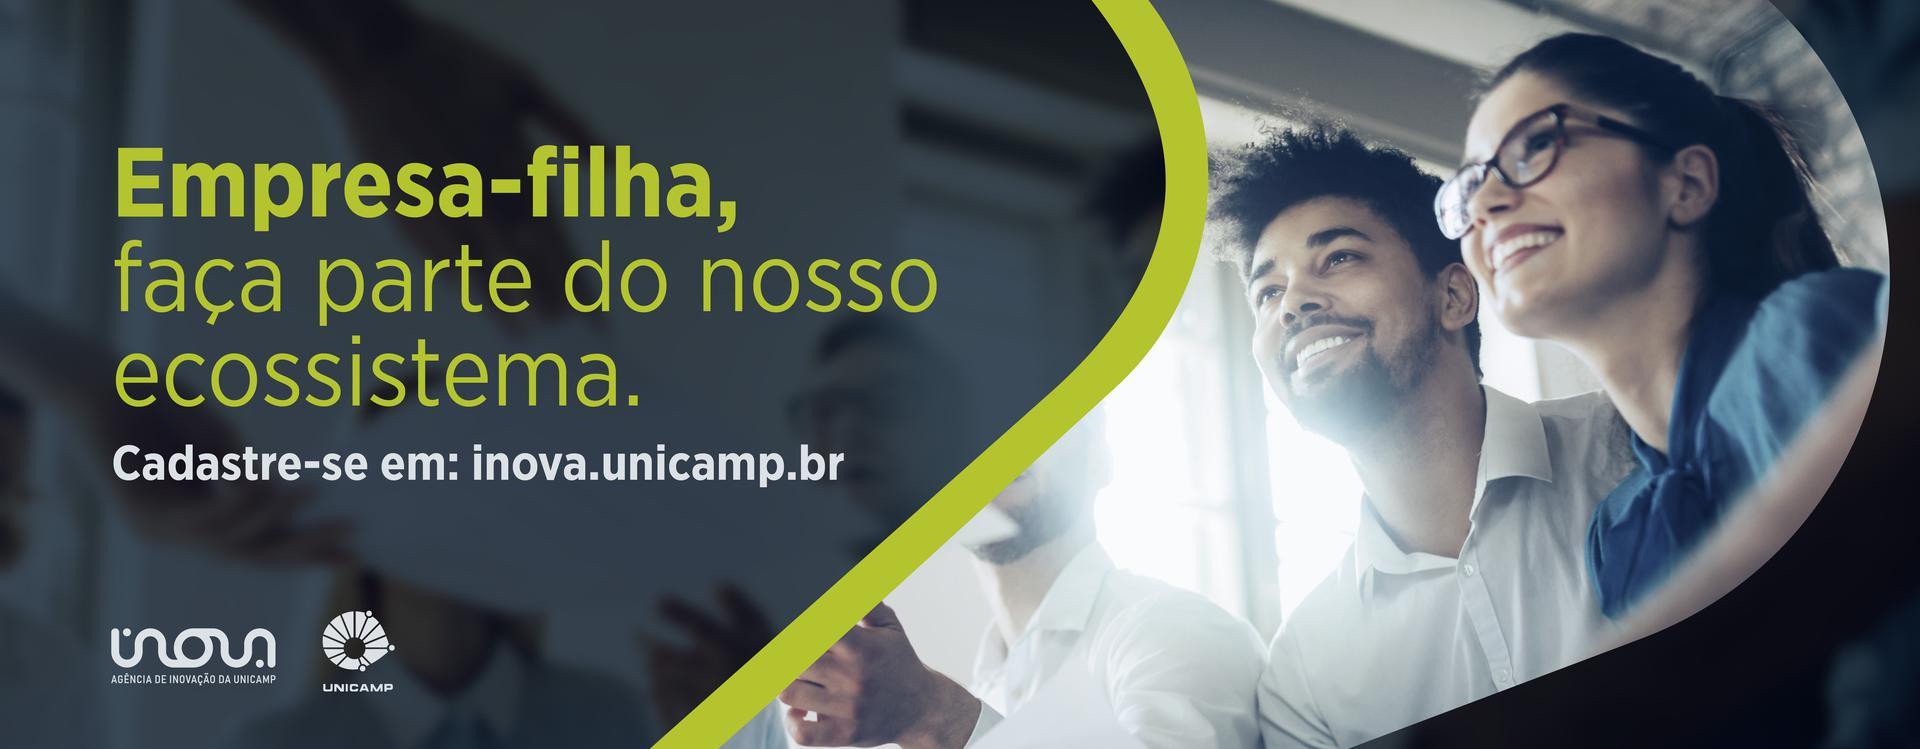 Ex-alunos empreendedores podem se cadastrar como empresas-filhas da Unicamp!